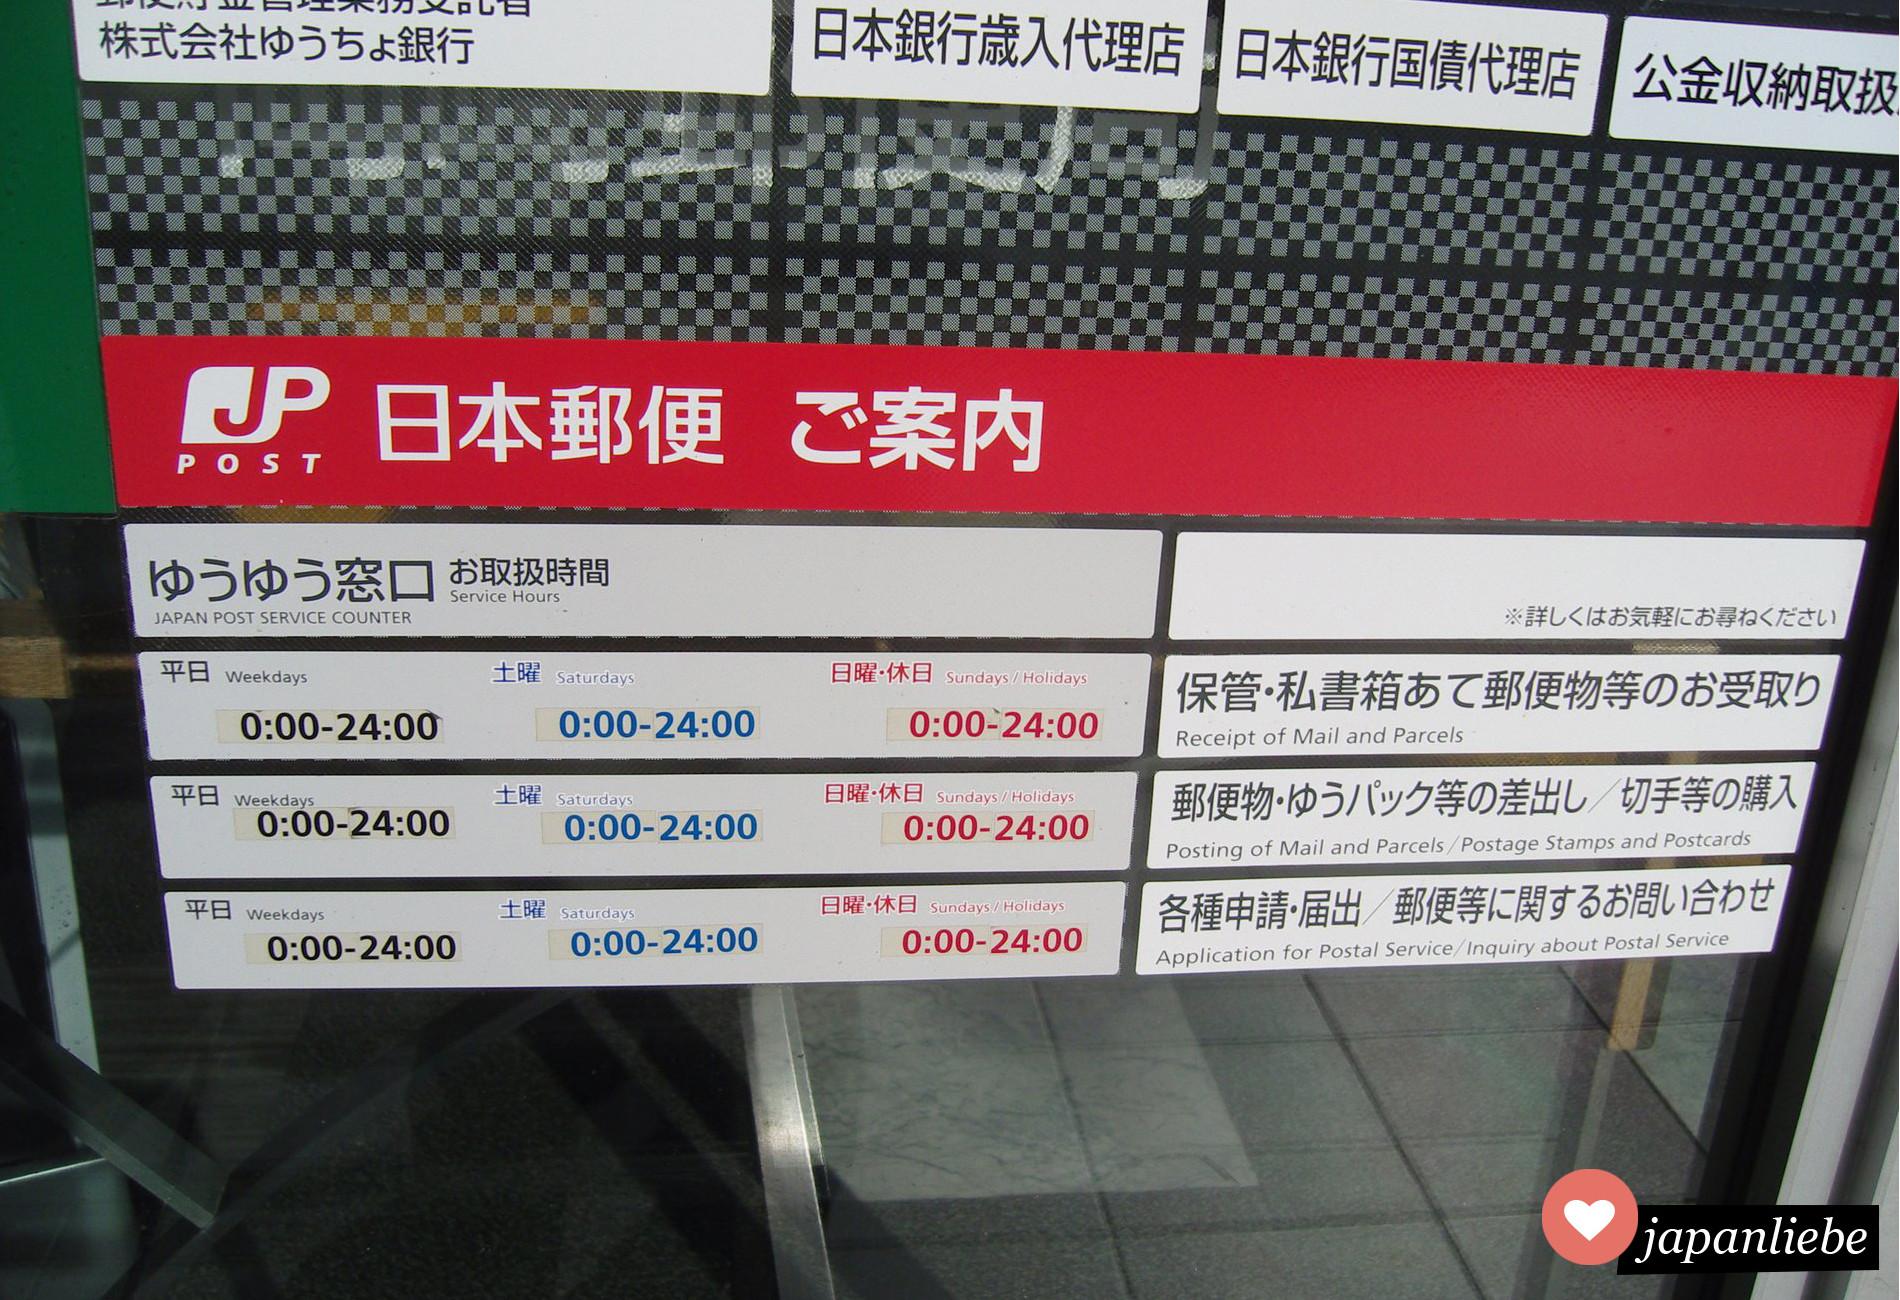 Das Japan Post Office in Okazaki hat 7 tage die Woche 24 Stunden geöffnet